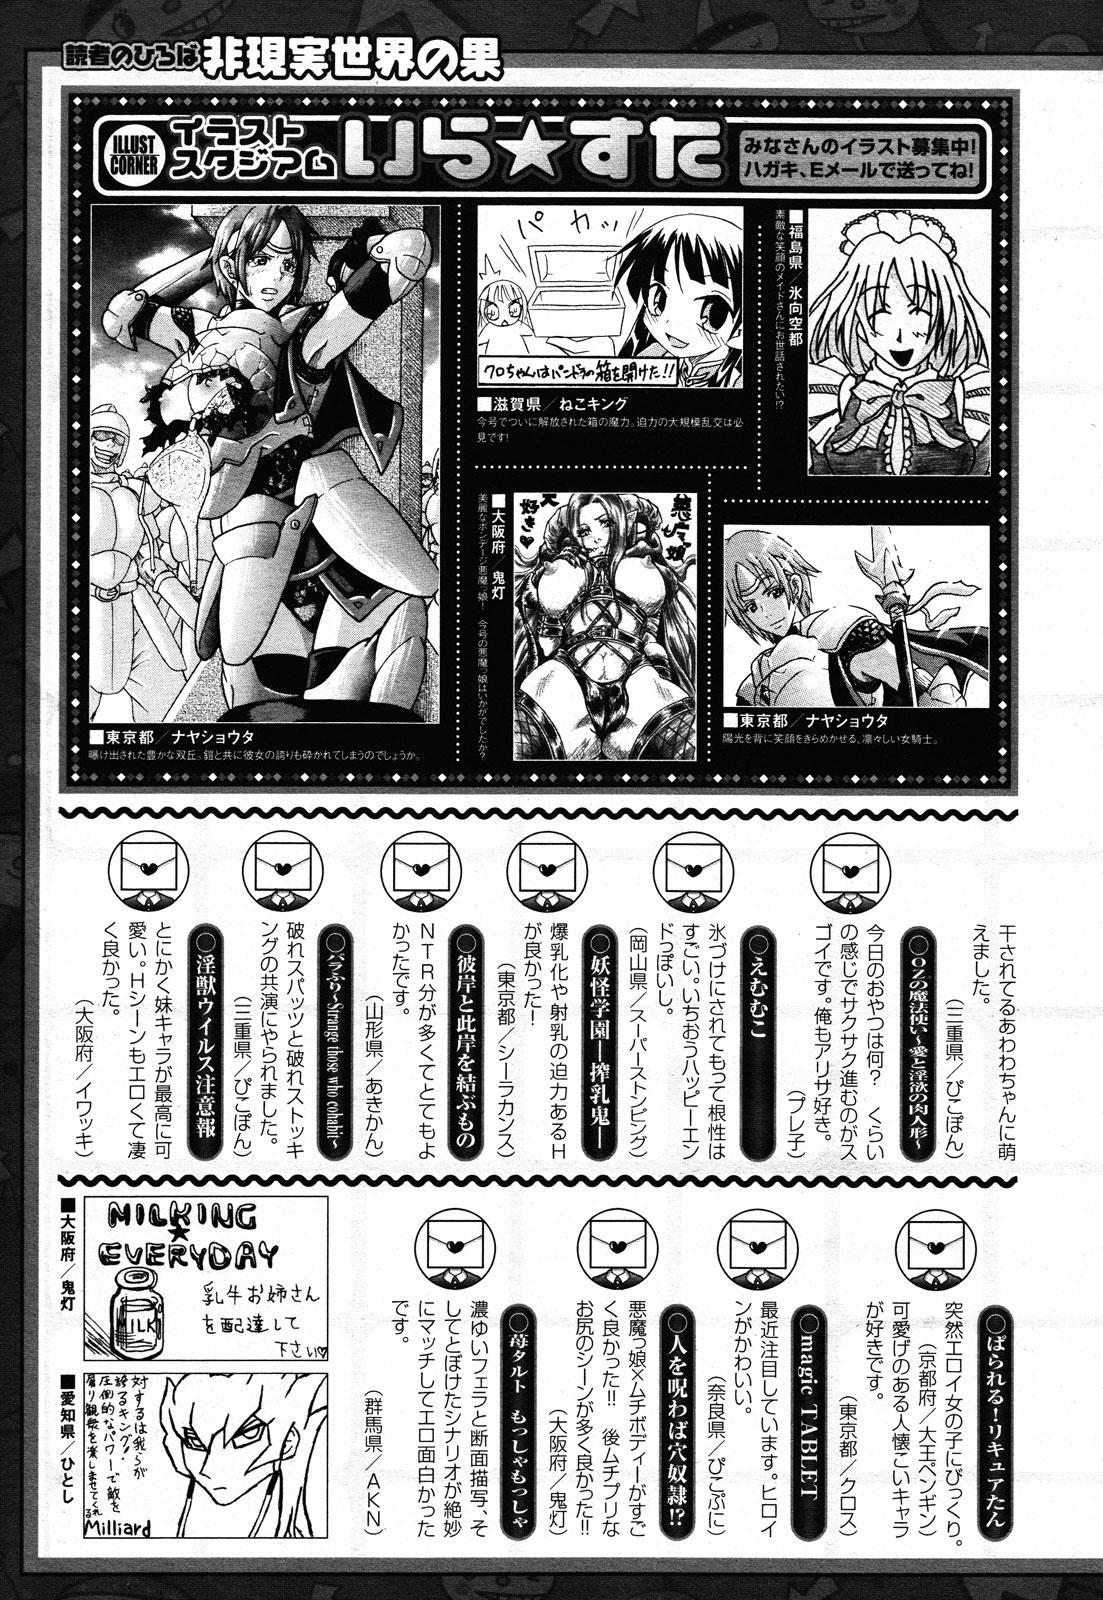 COMIC Unreal 2011-02 Vol. 29 + Mogudan Calendar 2011 448